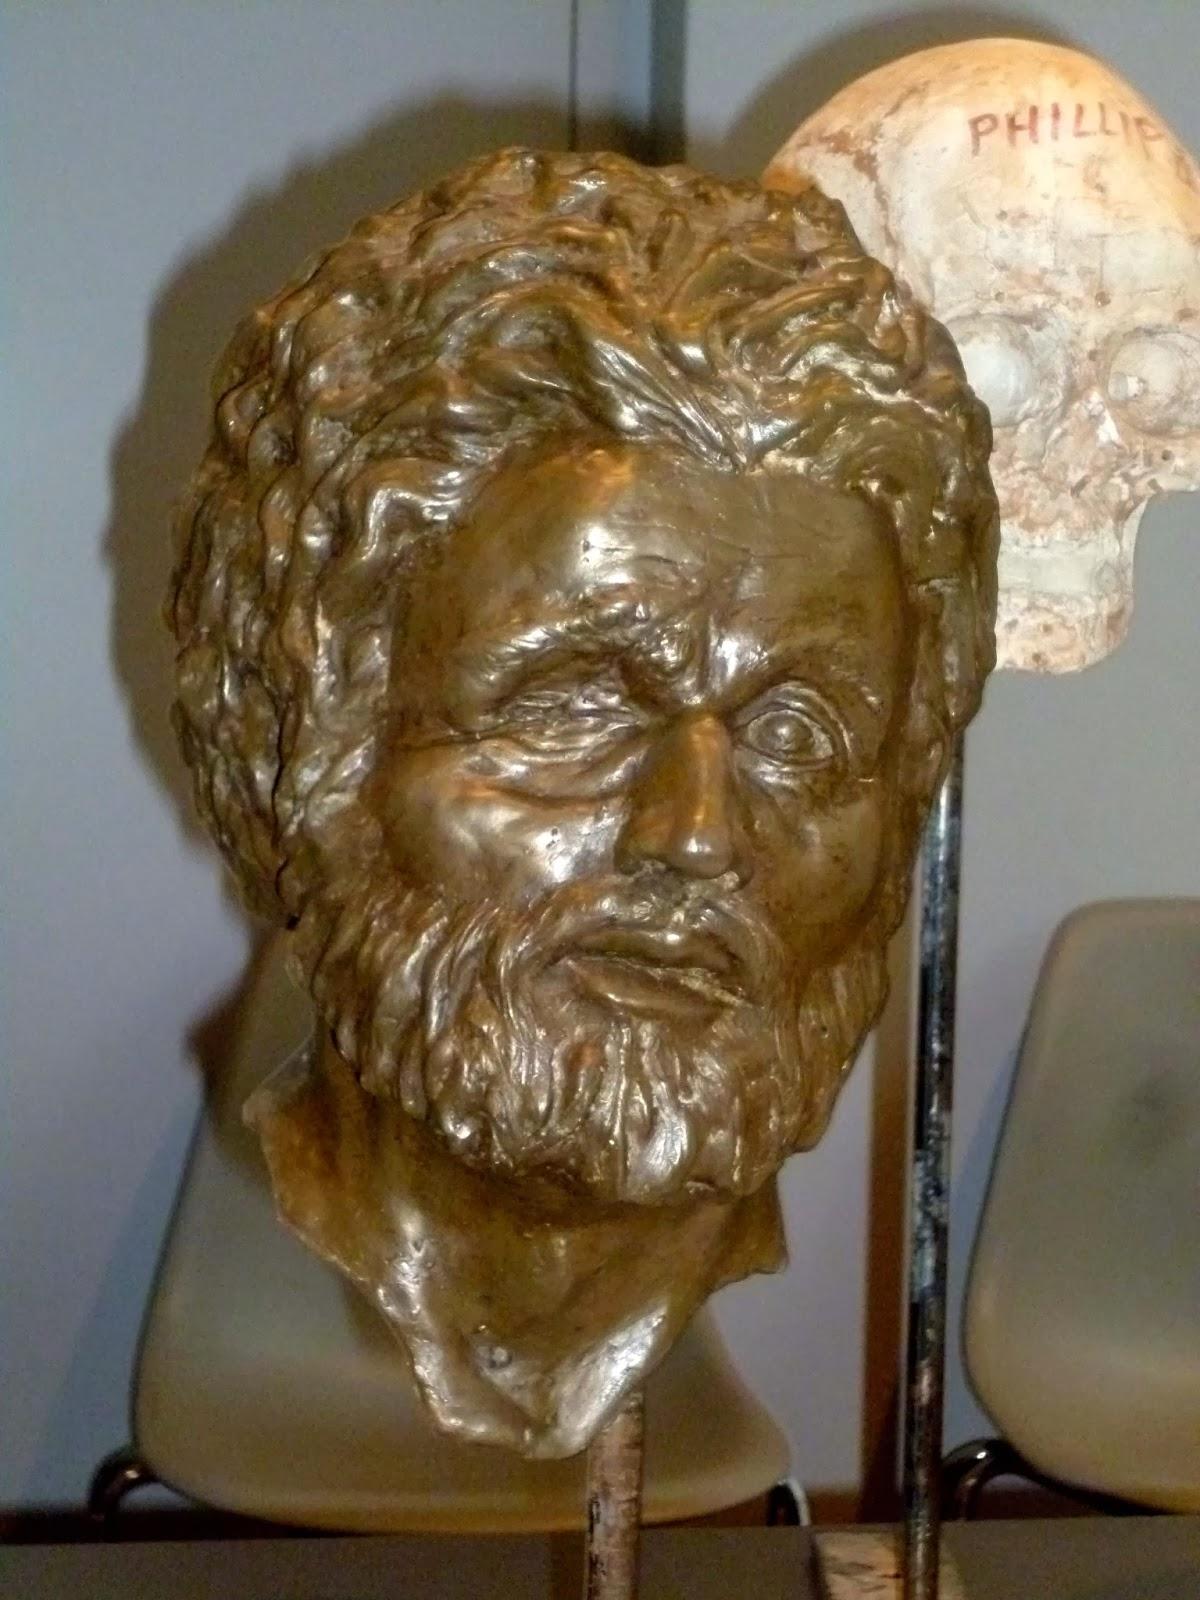 Philip II's face